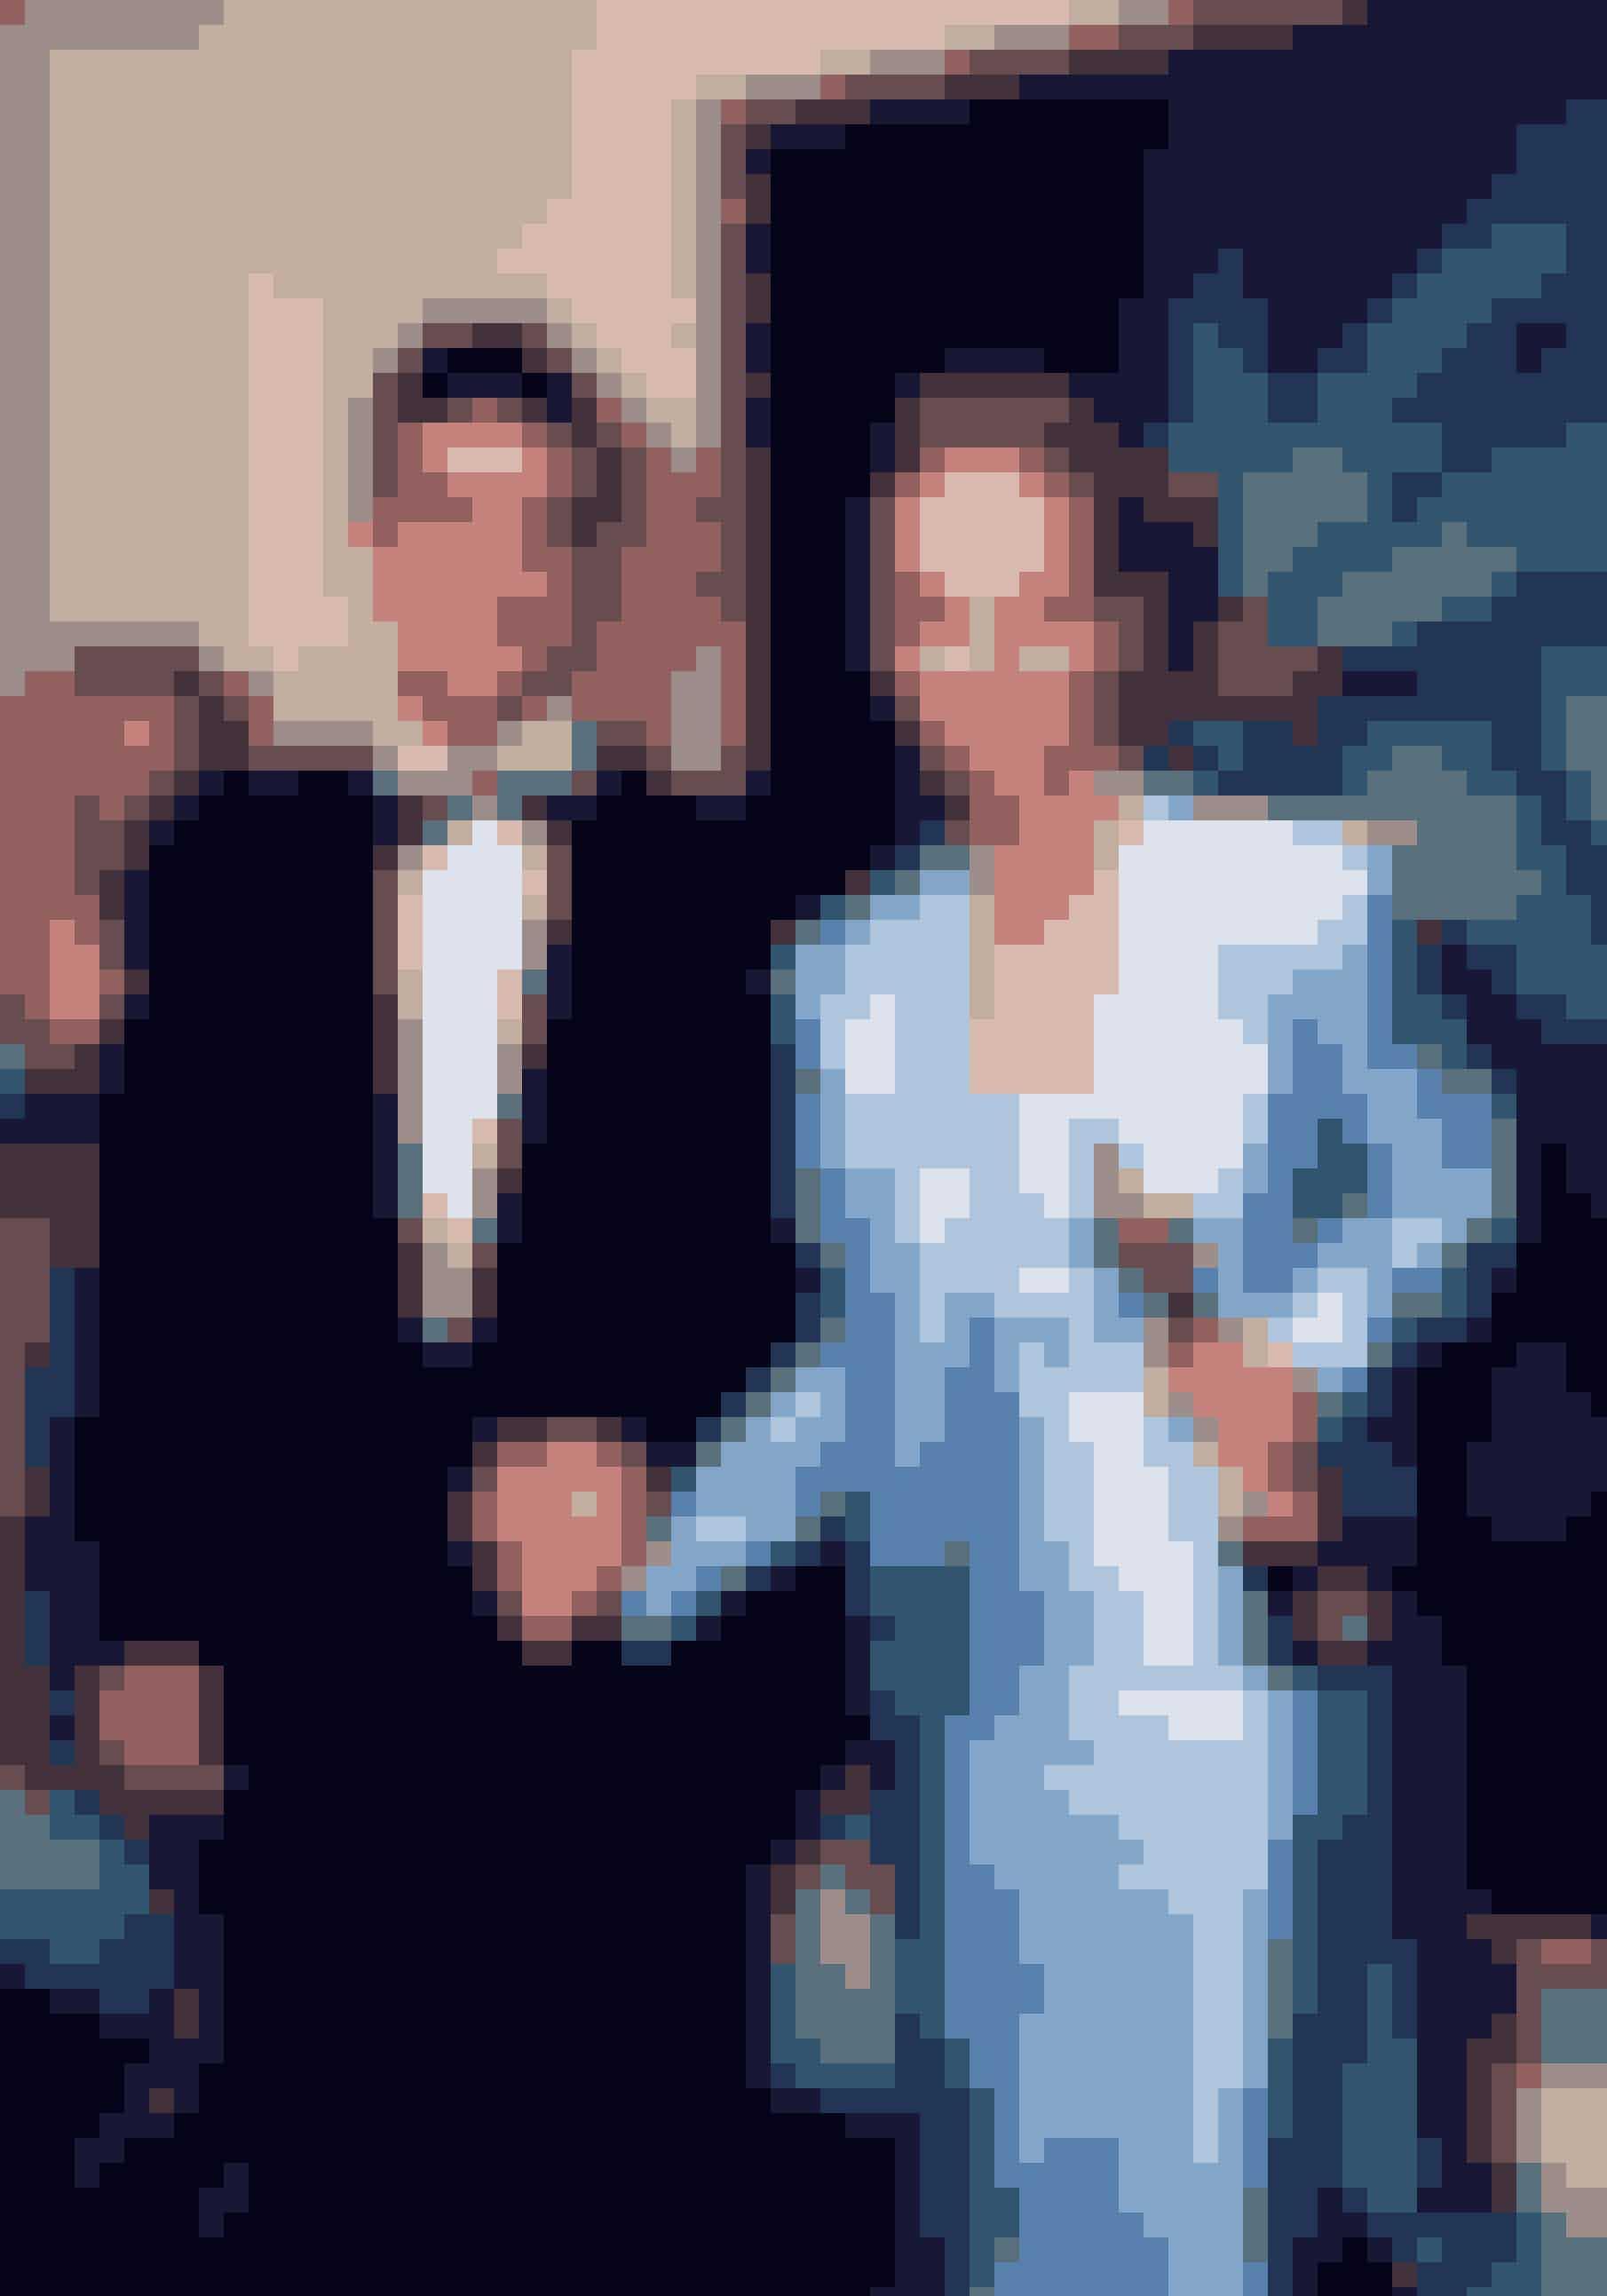 Underligt nok var Helen Hunt og Hank Azria kærester i fem år, før de blev gift og skilt. Oscar-vinderen angav i skilsmissepapirerne 'irreconcilable differences' – uforsonlige forskelle – som grund til skilsmissen, men det kan da godt undre, at de to ikke lidt tidligere havde fundet ud af, at de slet ikke passede sammen.